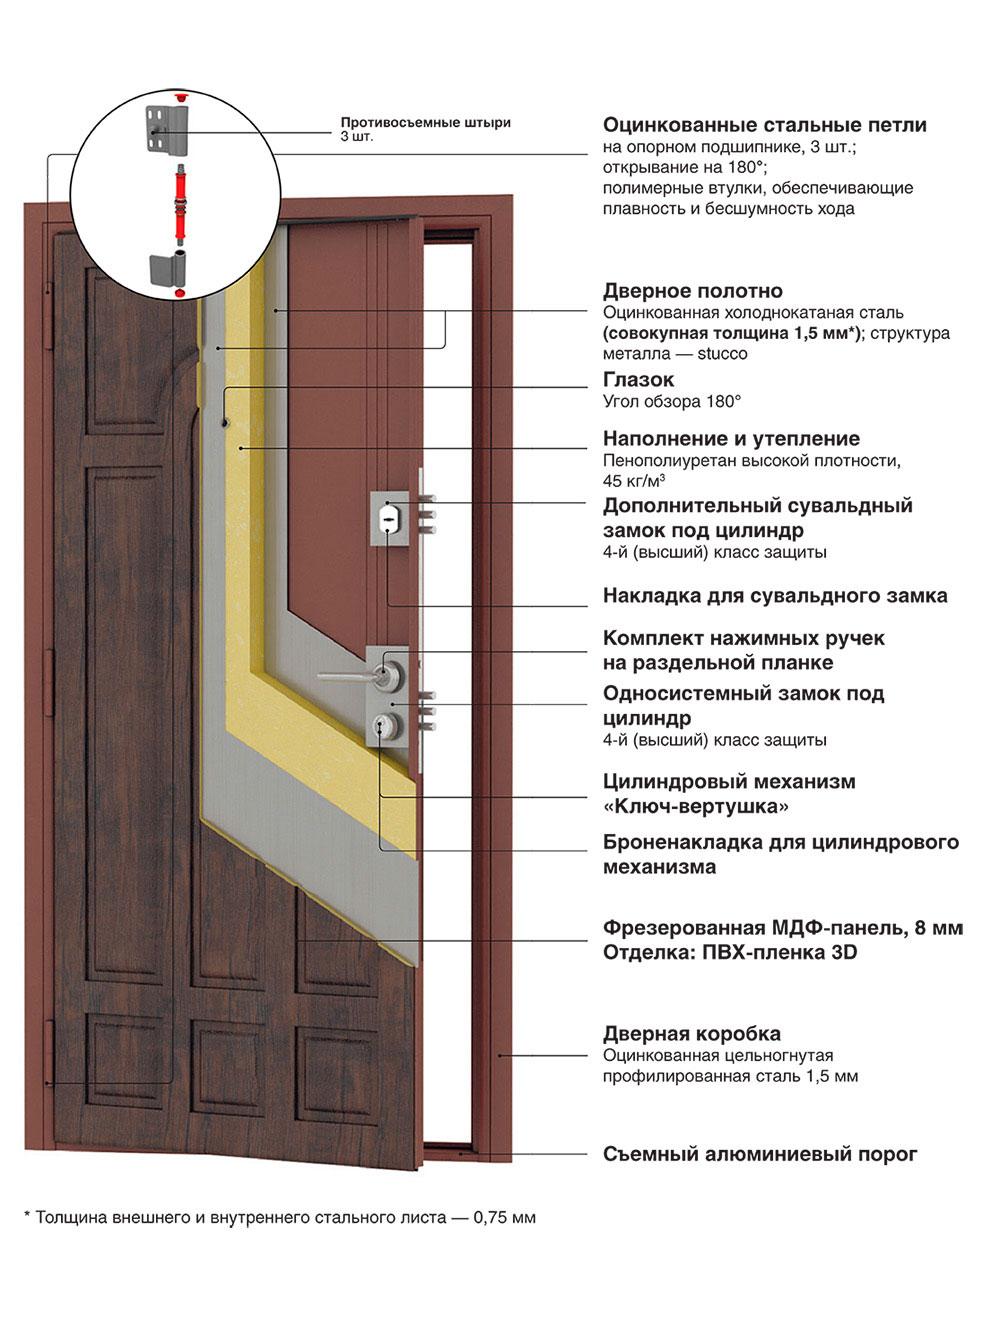 входная дверь высокий класс защиты